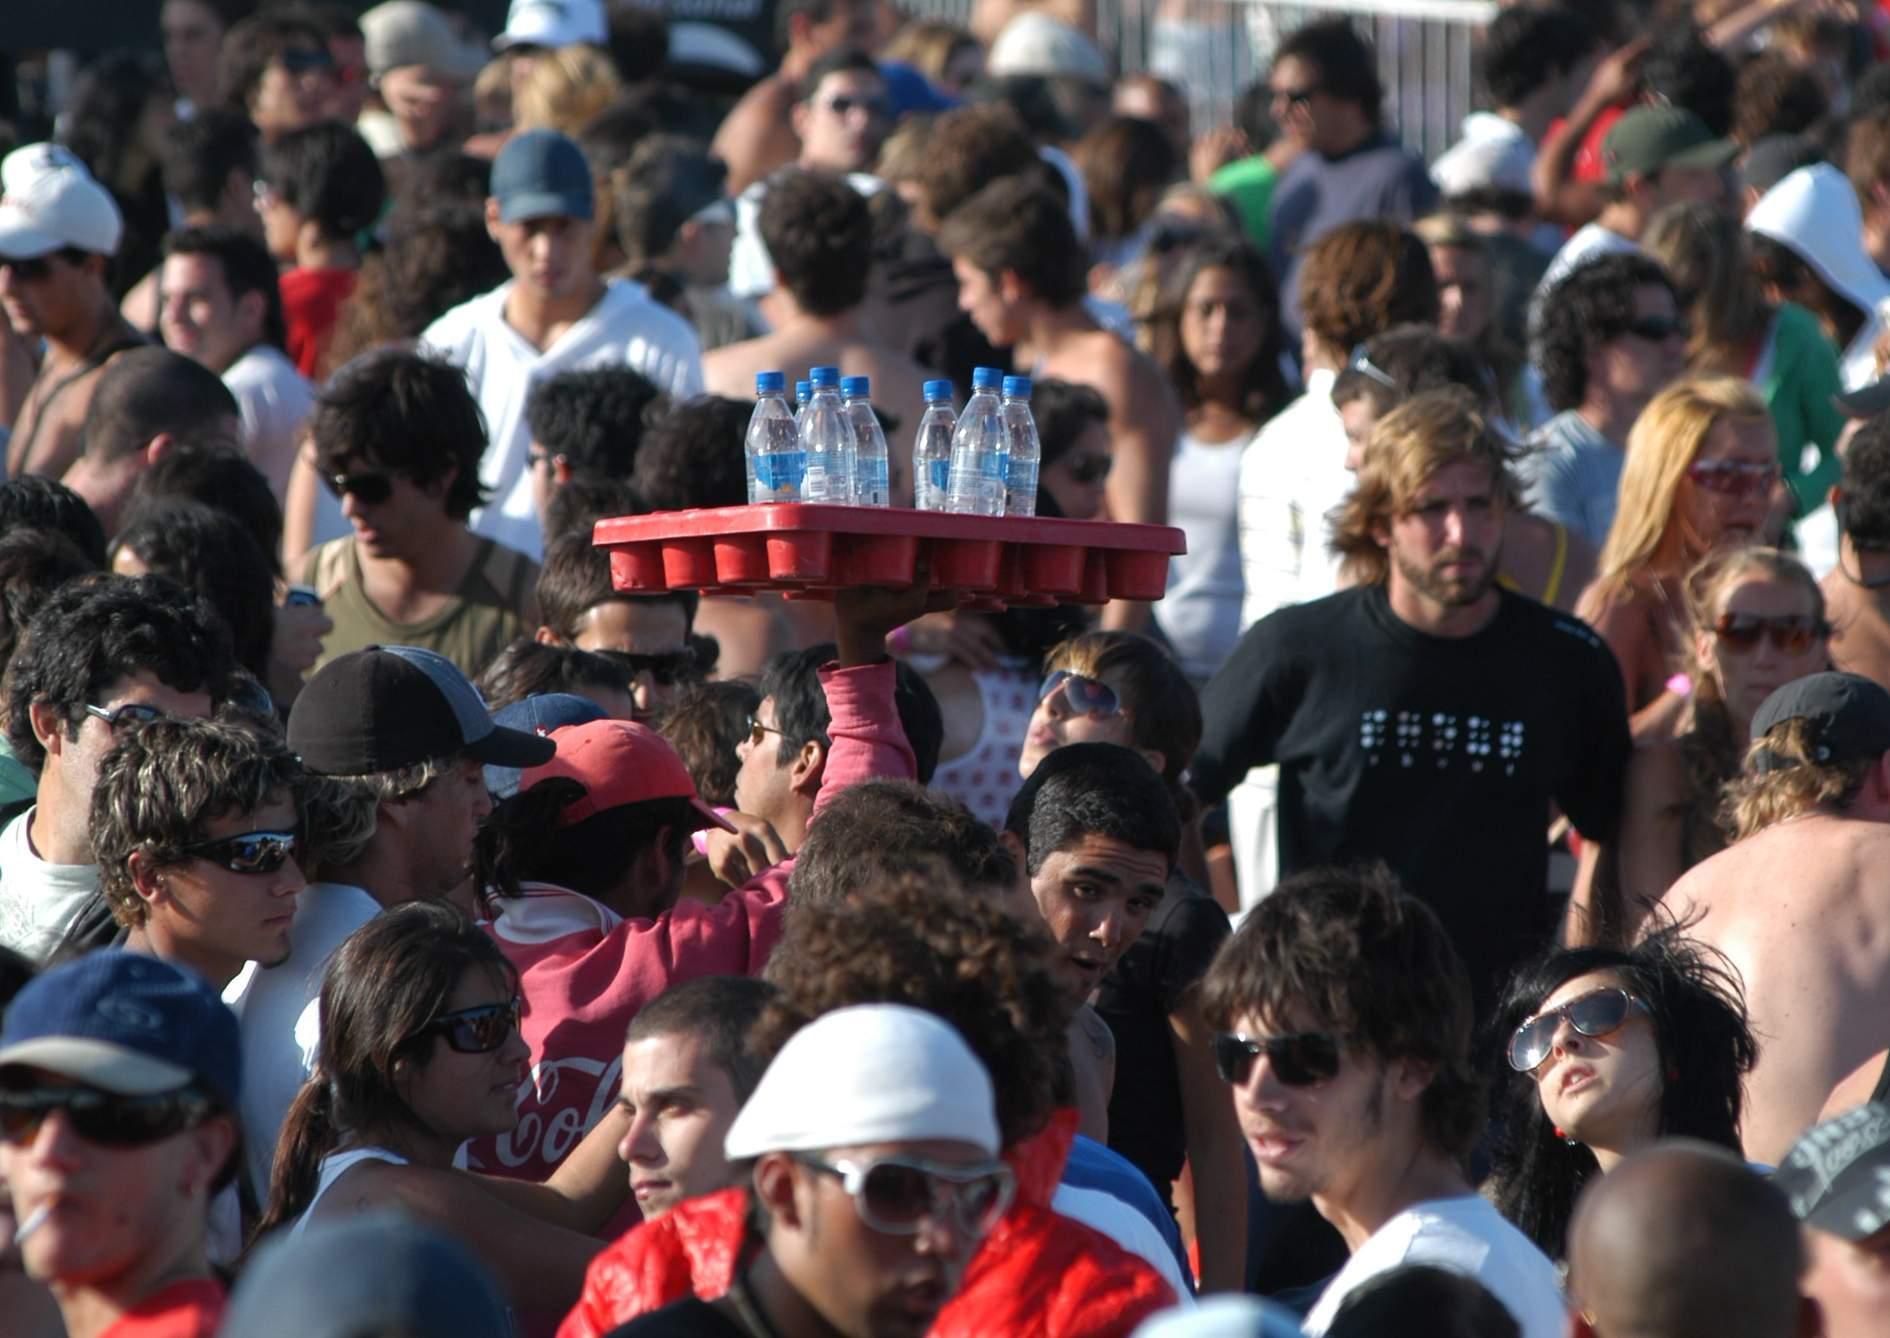 No habrá más fiestas electrónicas en Mar del Plata, a partir de la suspensión decidida por el intendente Carlos Arroyo.